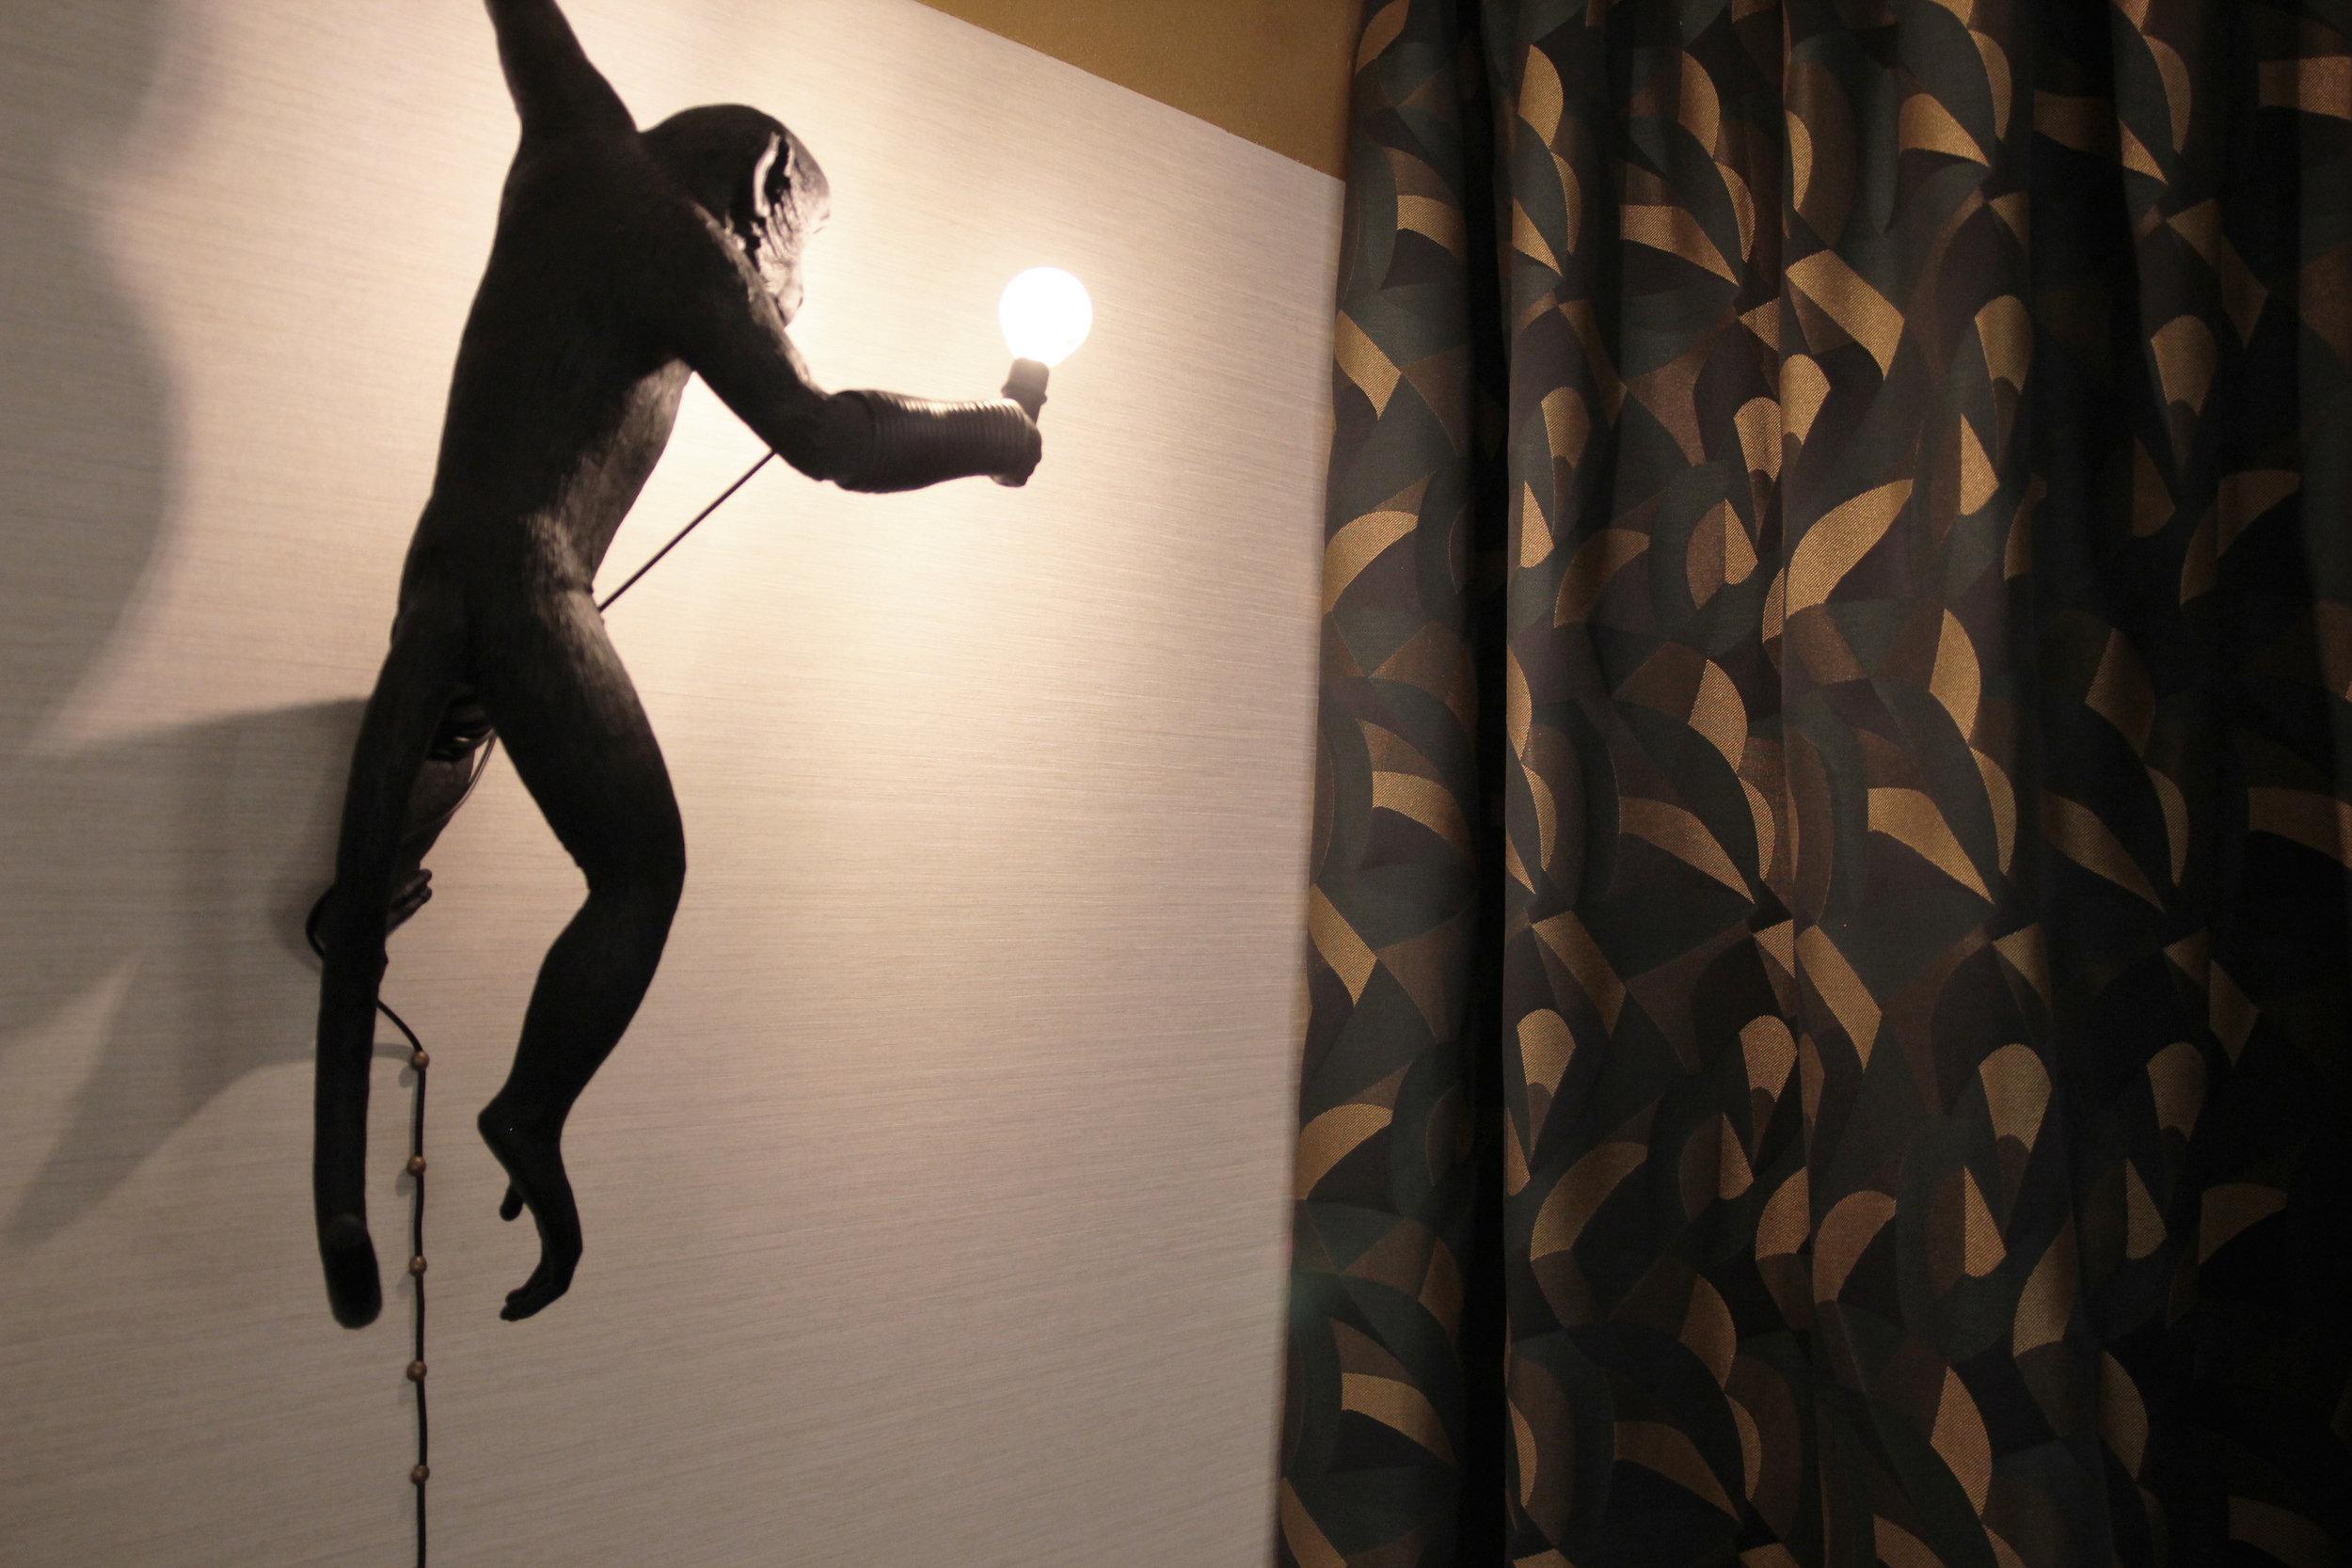 Les Années Folles - The Bedrooms